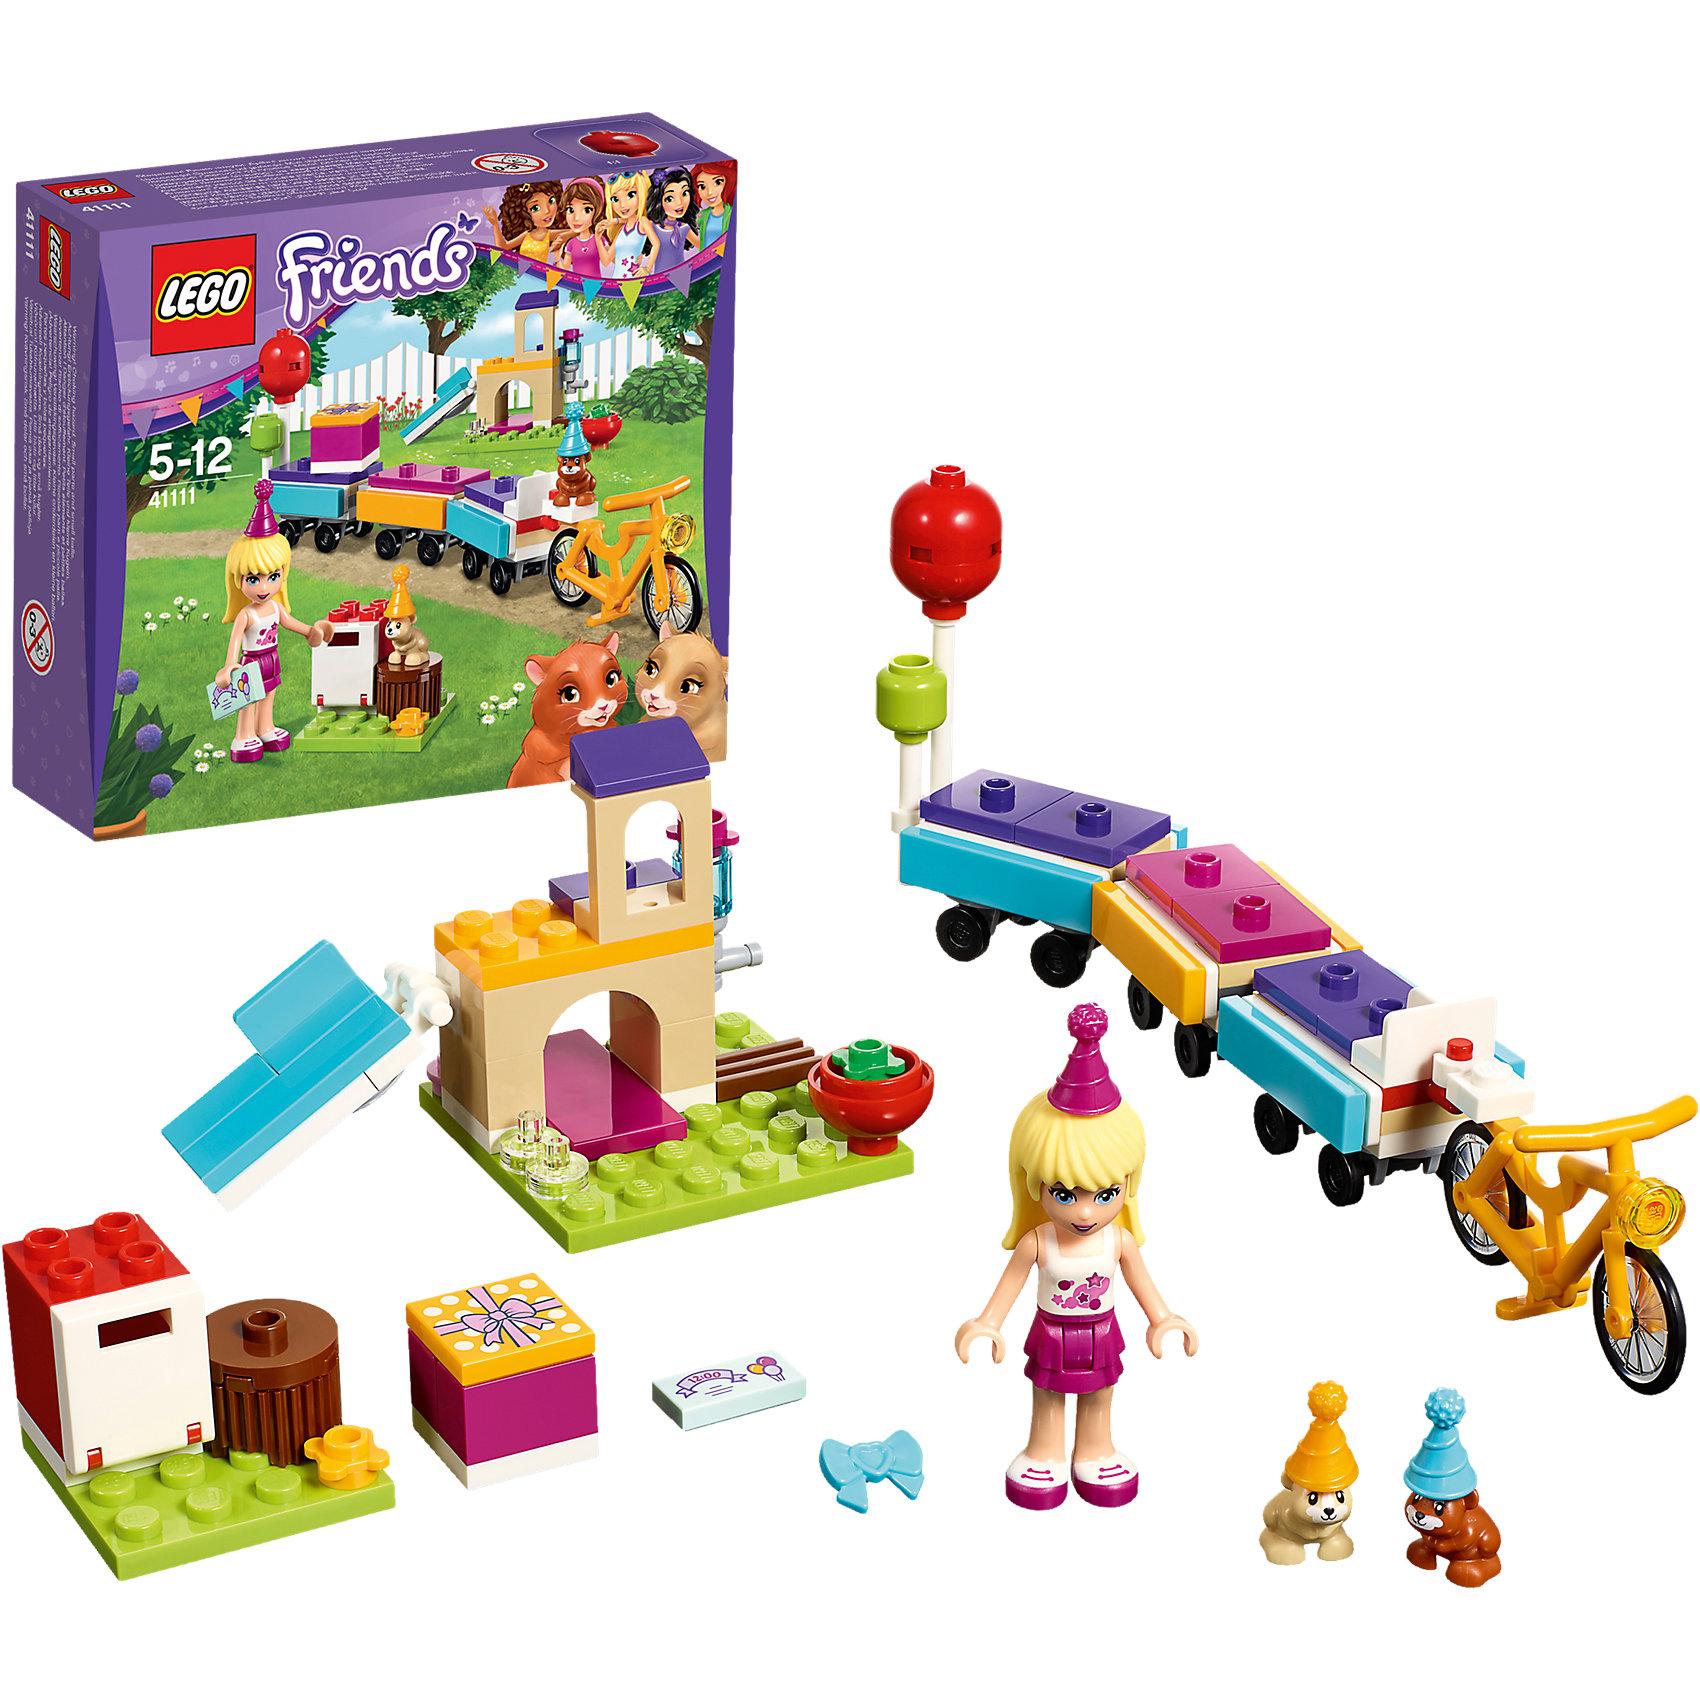 LEGO Friends 41111: День рождения: велосипед